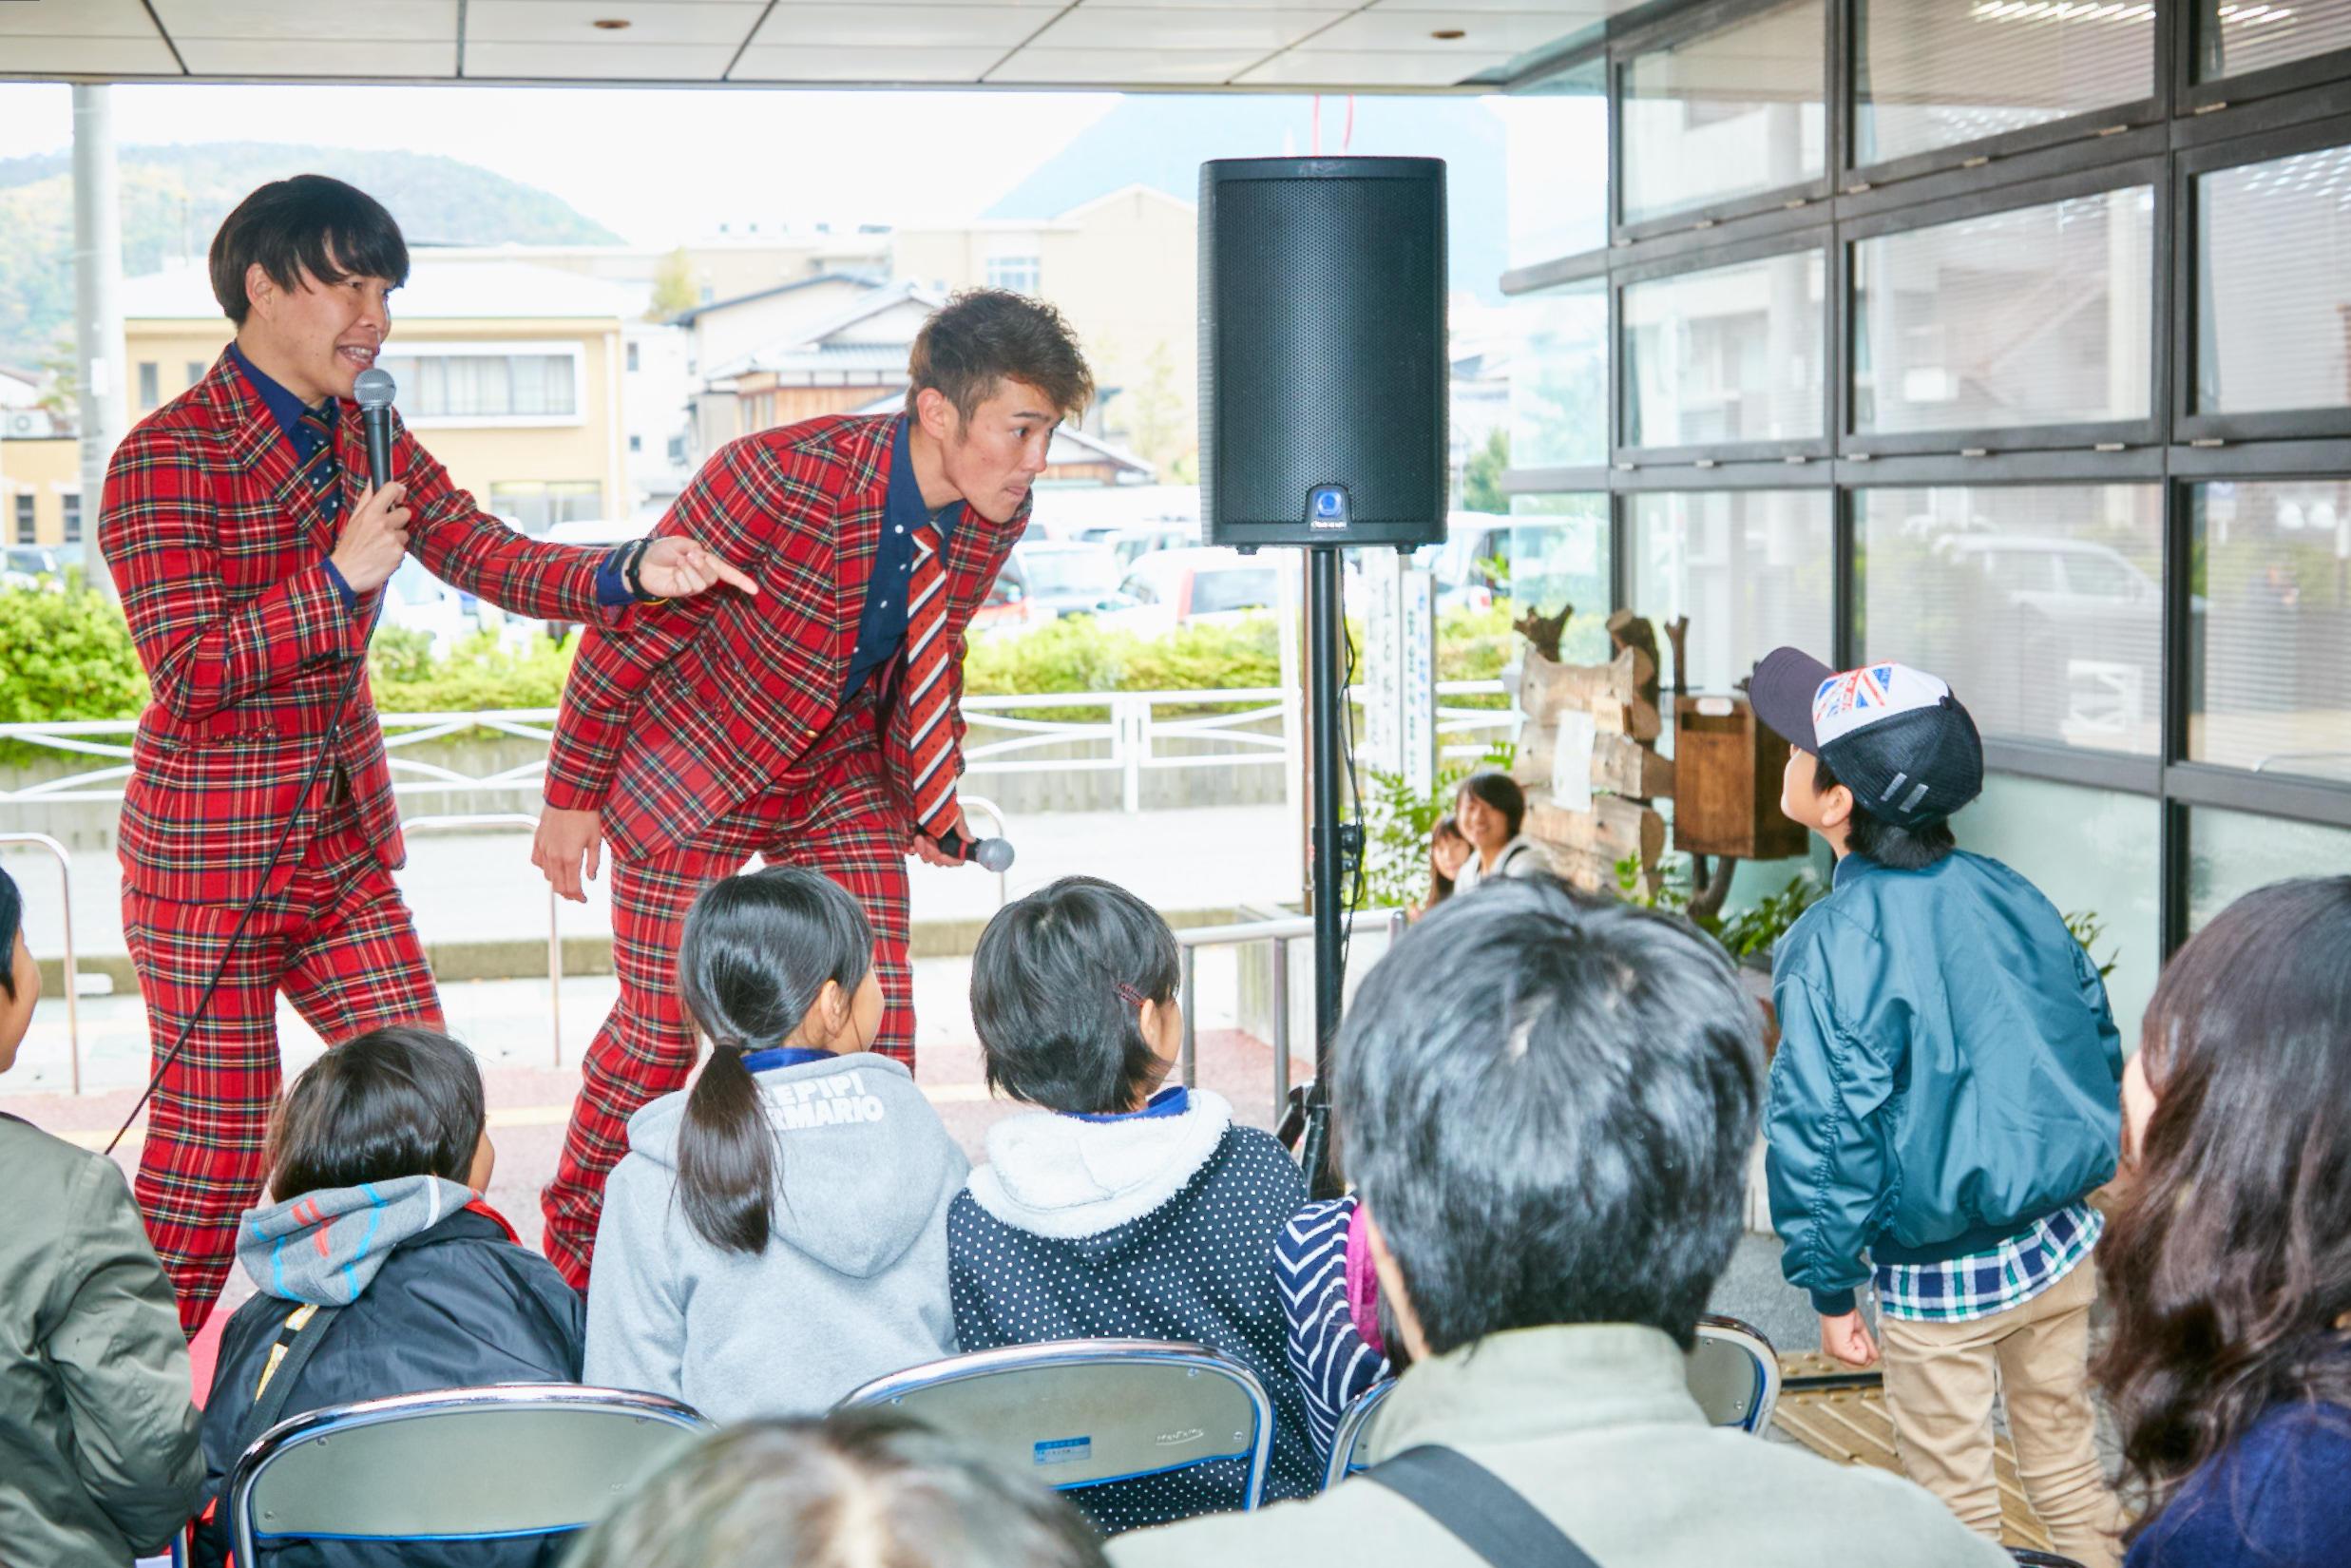 http://news.yoshimoto.co.jp/20171113160504-166c6ca89a29c71f9ca41aa26614aa635078797b.jpg